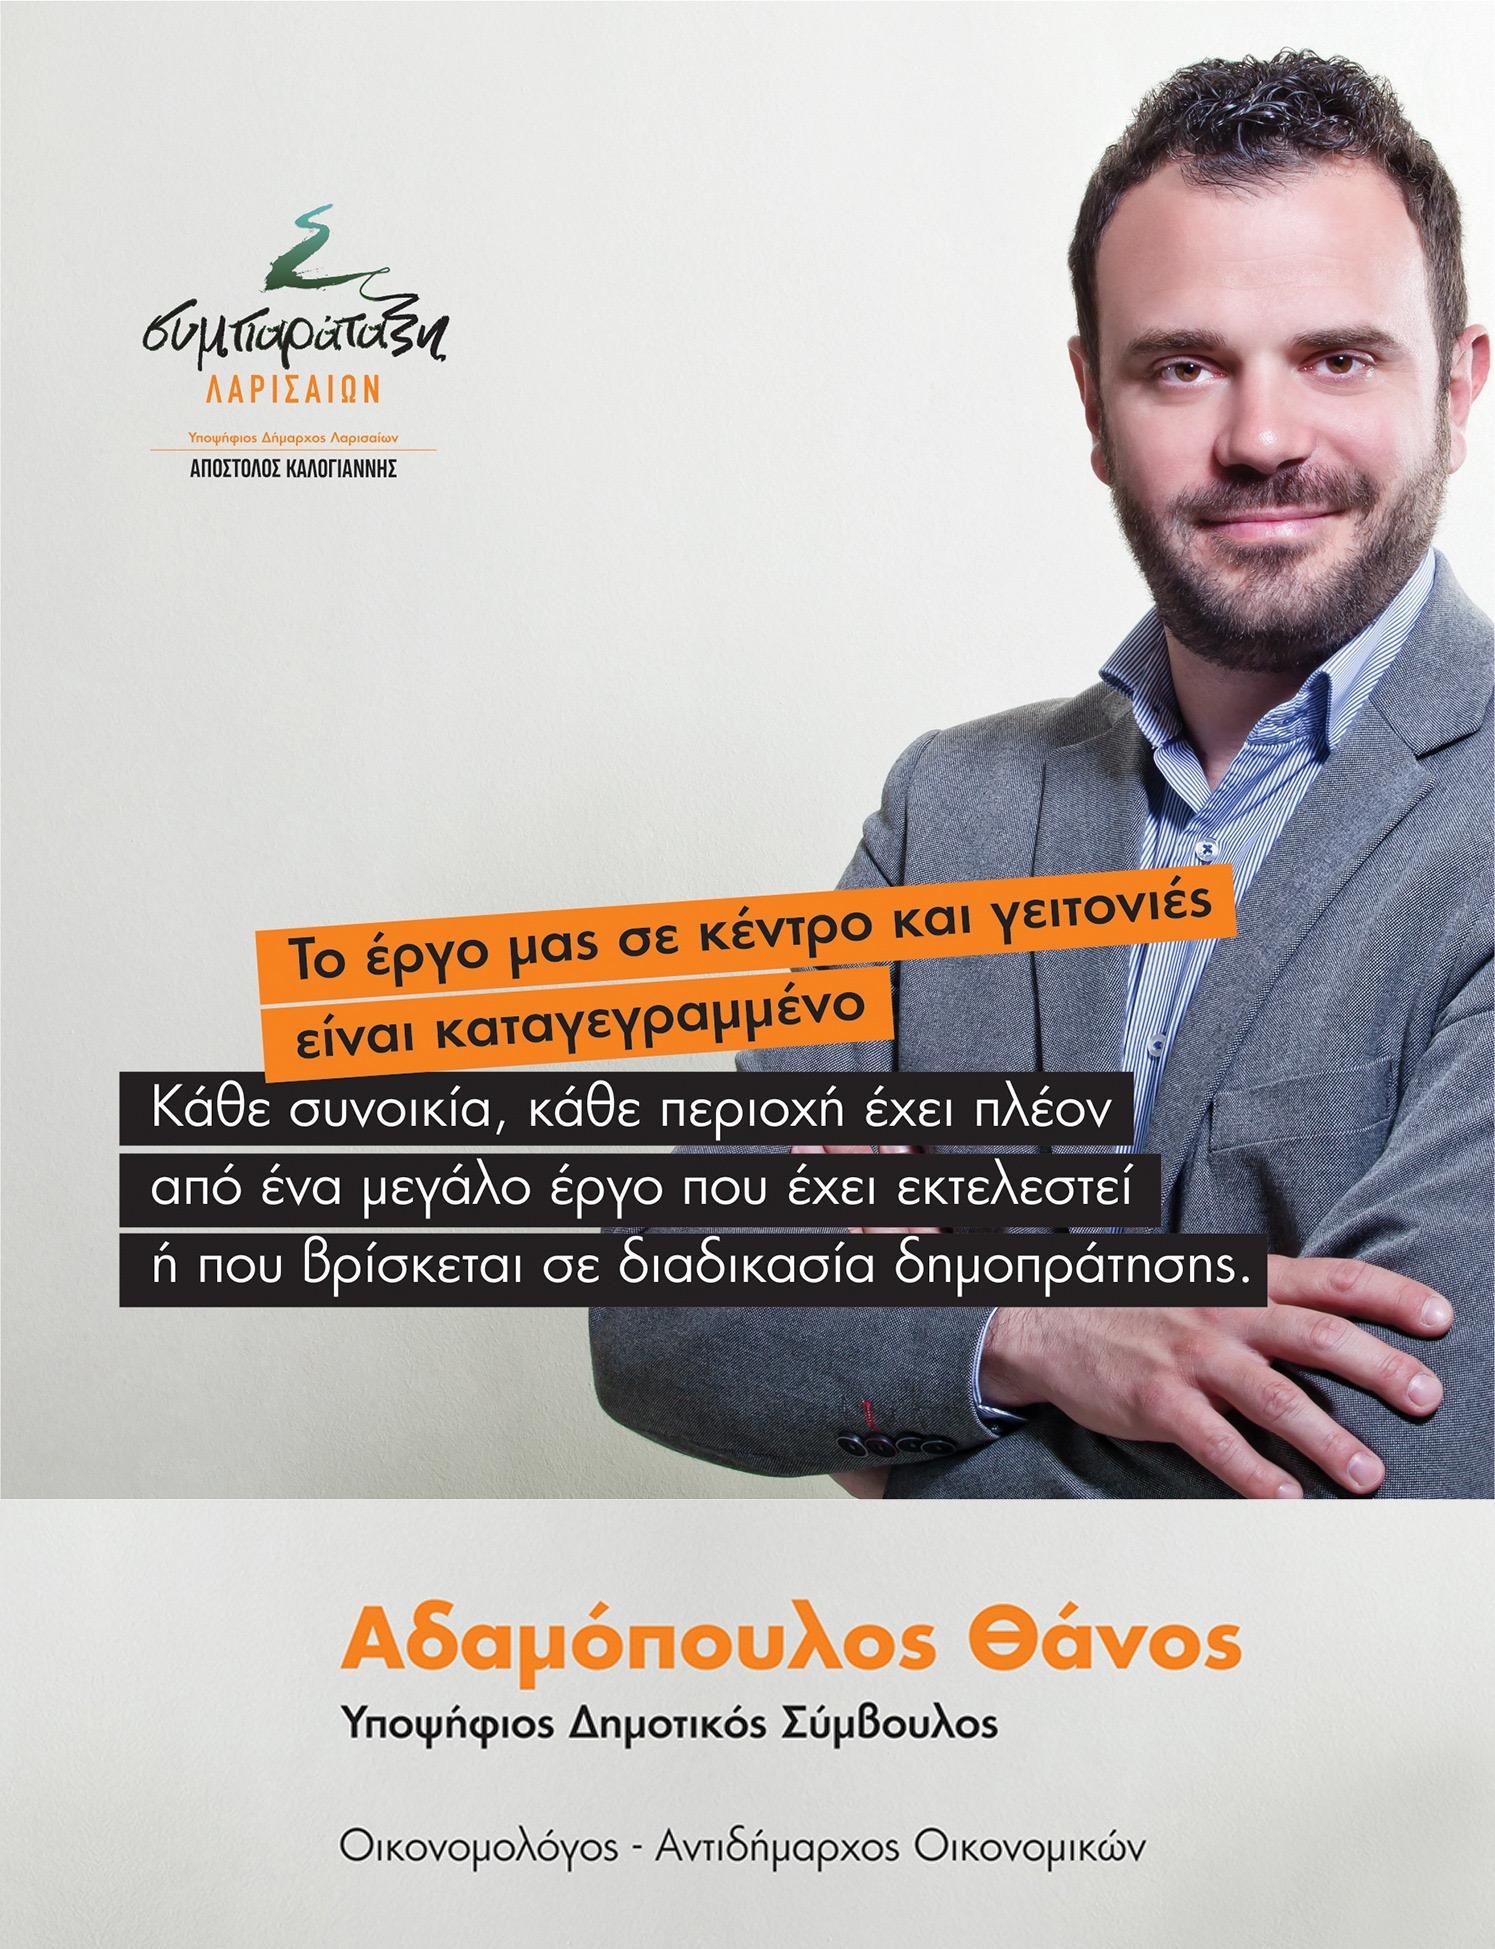 Θάνος Αδαμόπουλος: Ο ακούραστος εργάτης που έκανε αίσθηση με την δουλειά του στα δημοτικά δρώμενα της Λάρισας